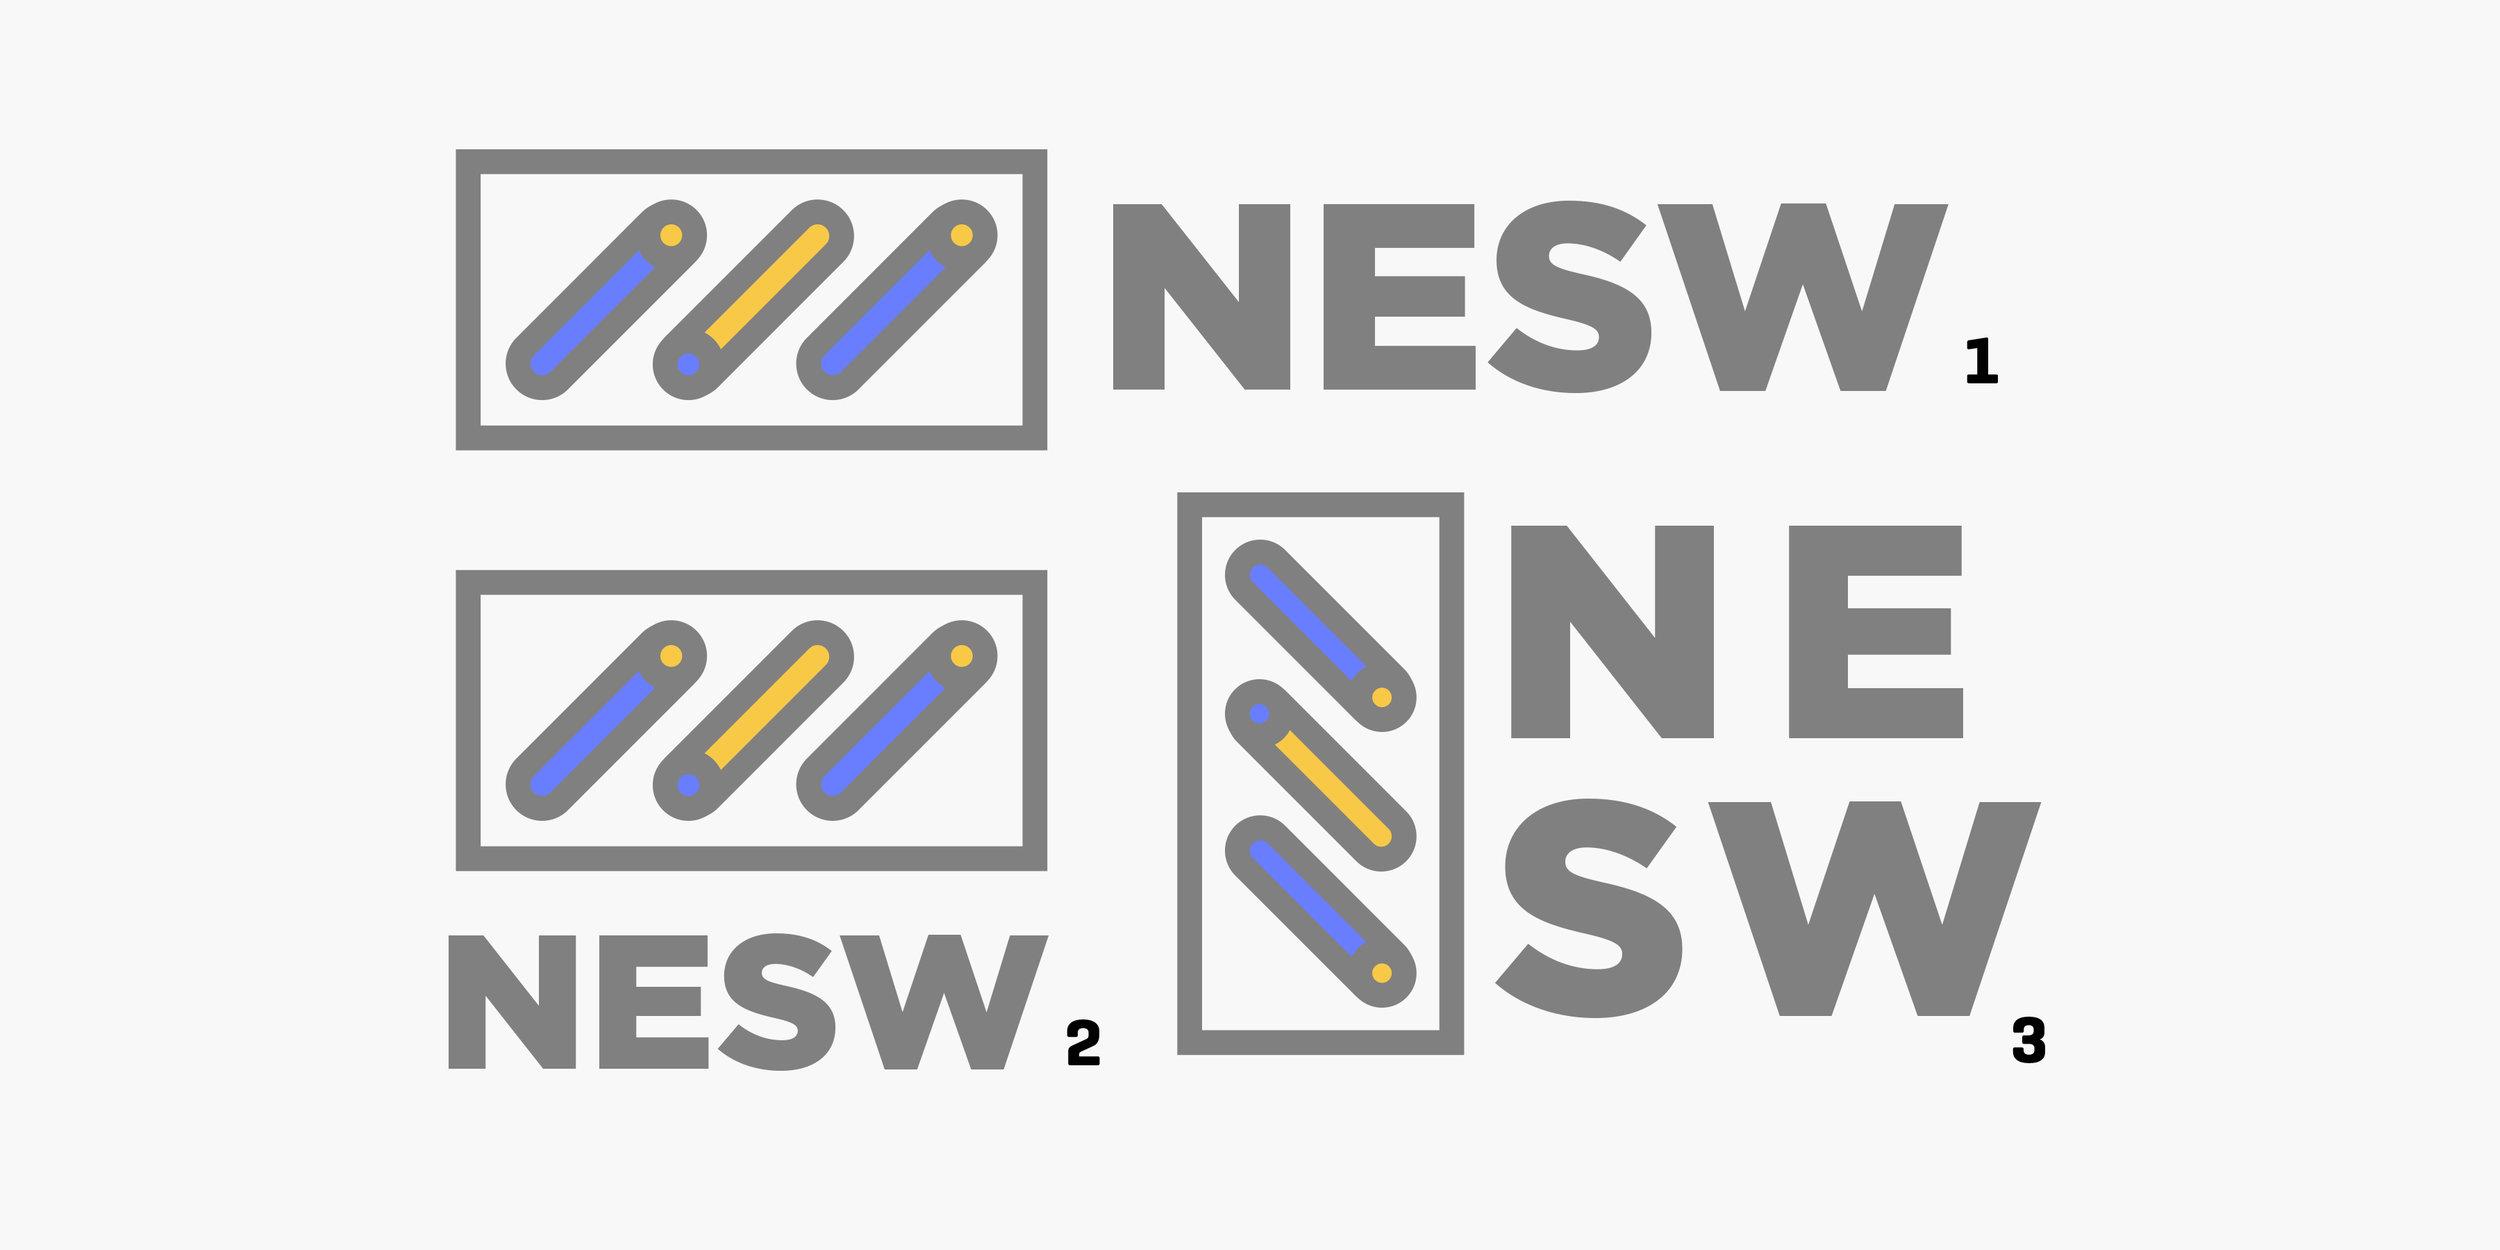 NESW logos.jpg